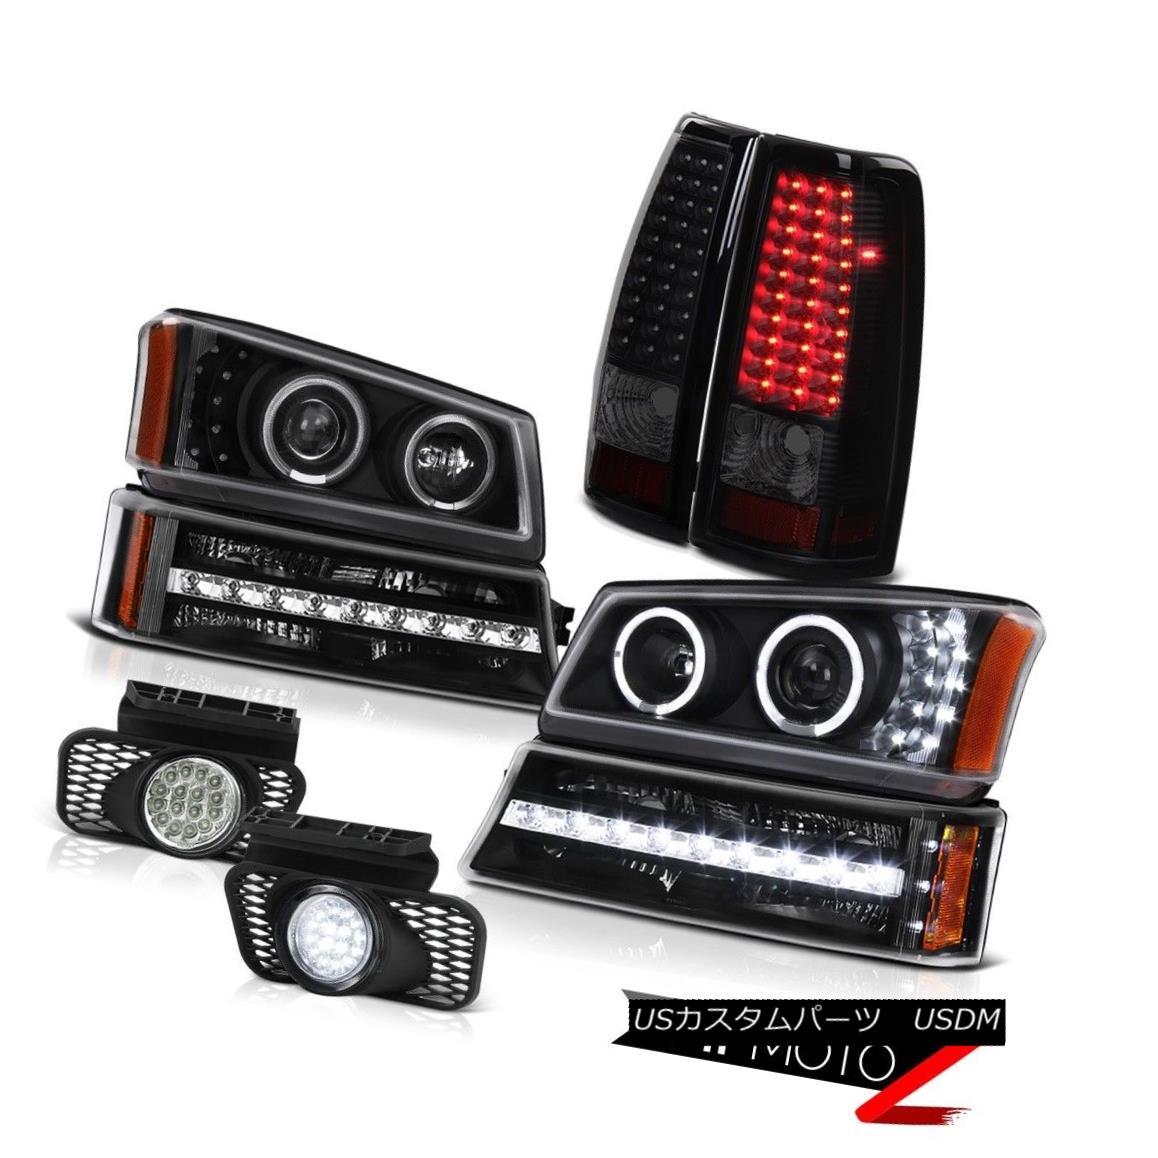 テールライト 03-06 Silverado 2500HD Fog lights tail lamps black parking lamp headlamps SMD 03-06シルバラード2500HDフォグライトテールランプブラックパーキングランプヘッドランプSMD